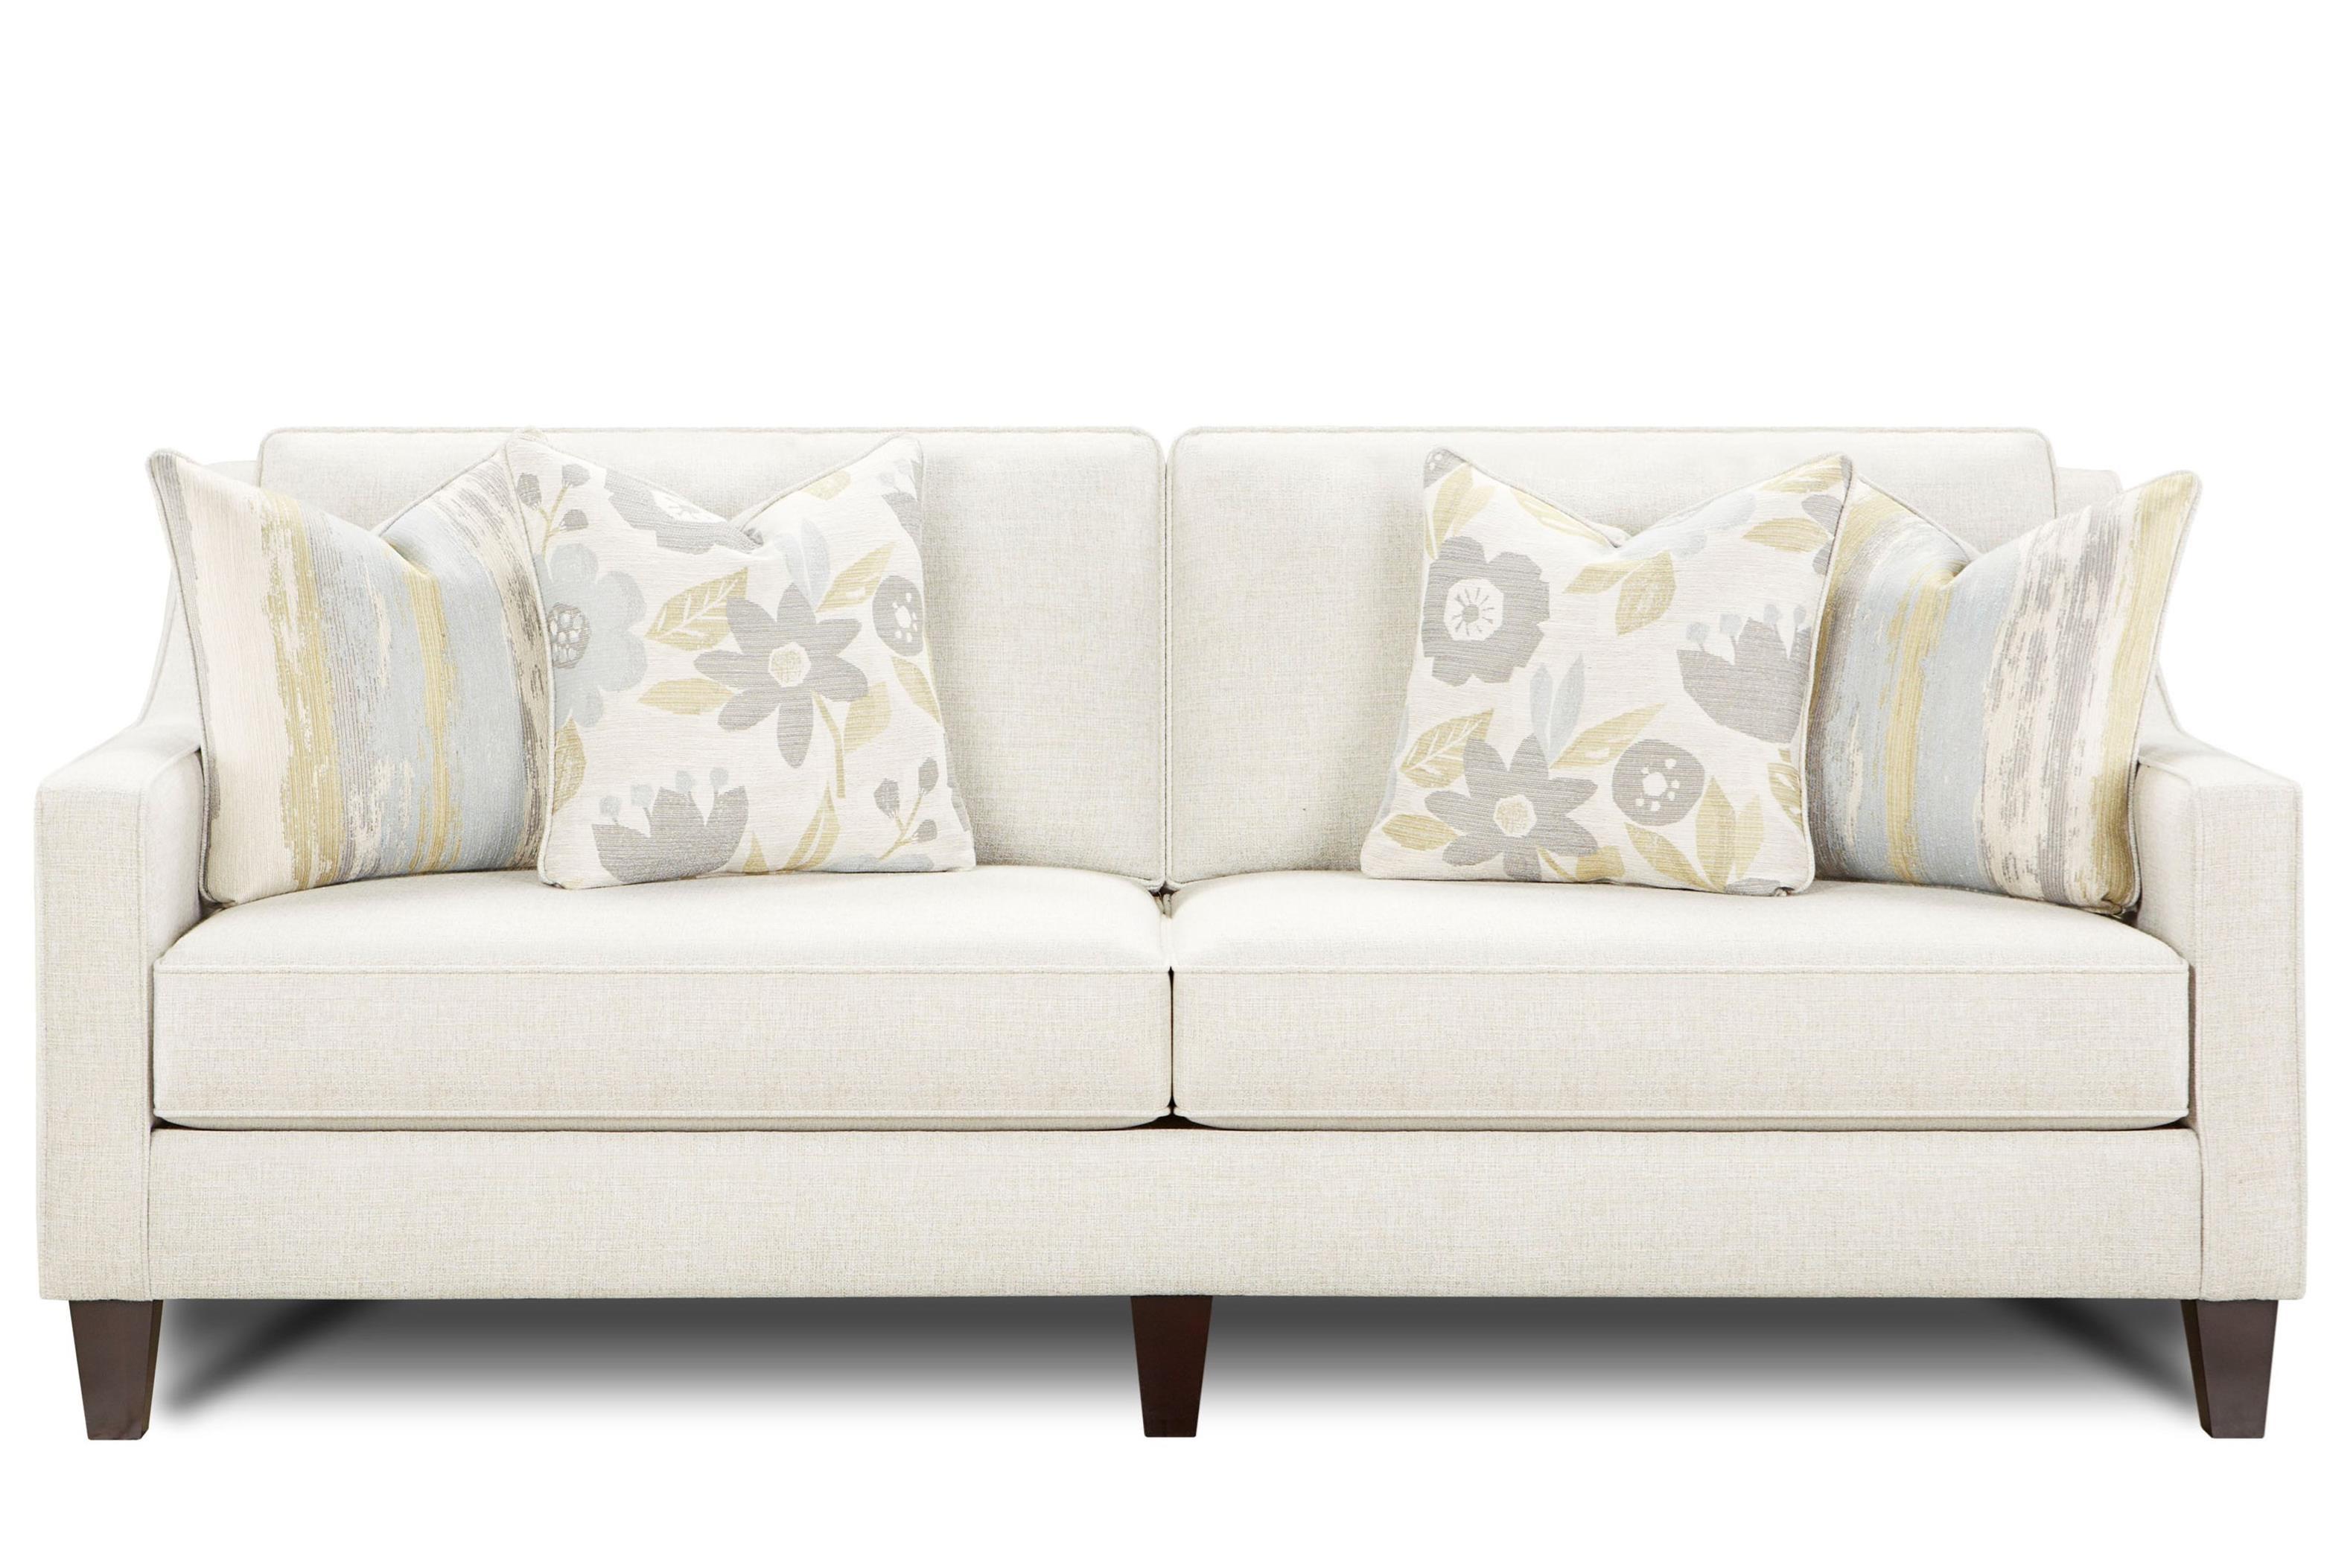 Fusion Furniture 3310 Sofa - Item Number: 3310Gallop Quarry